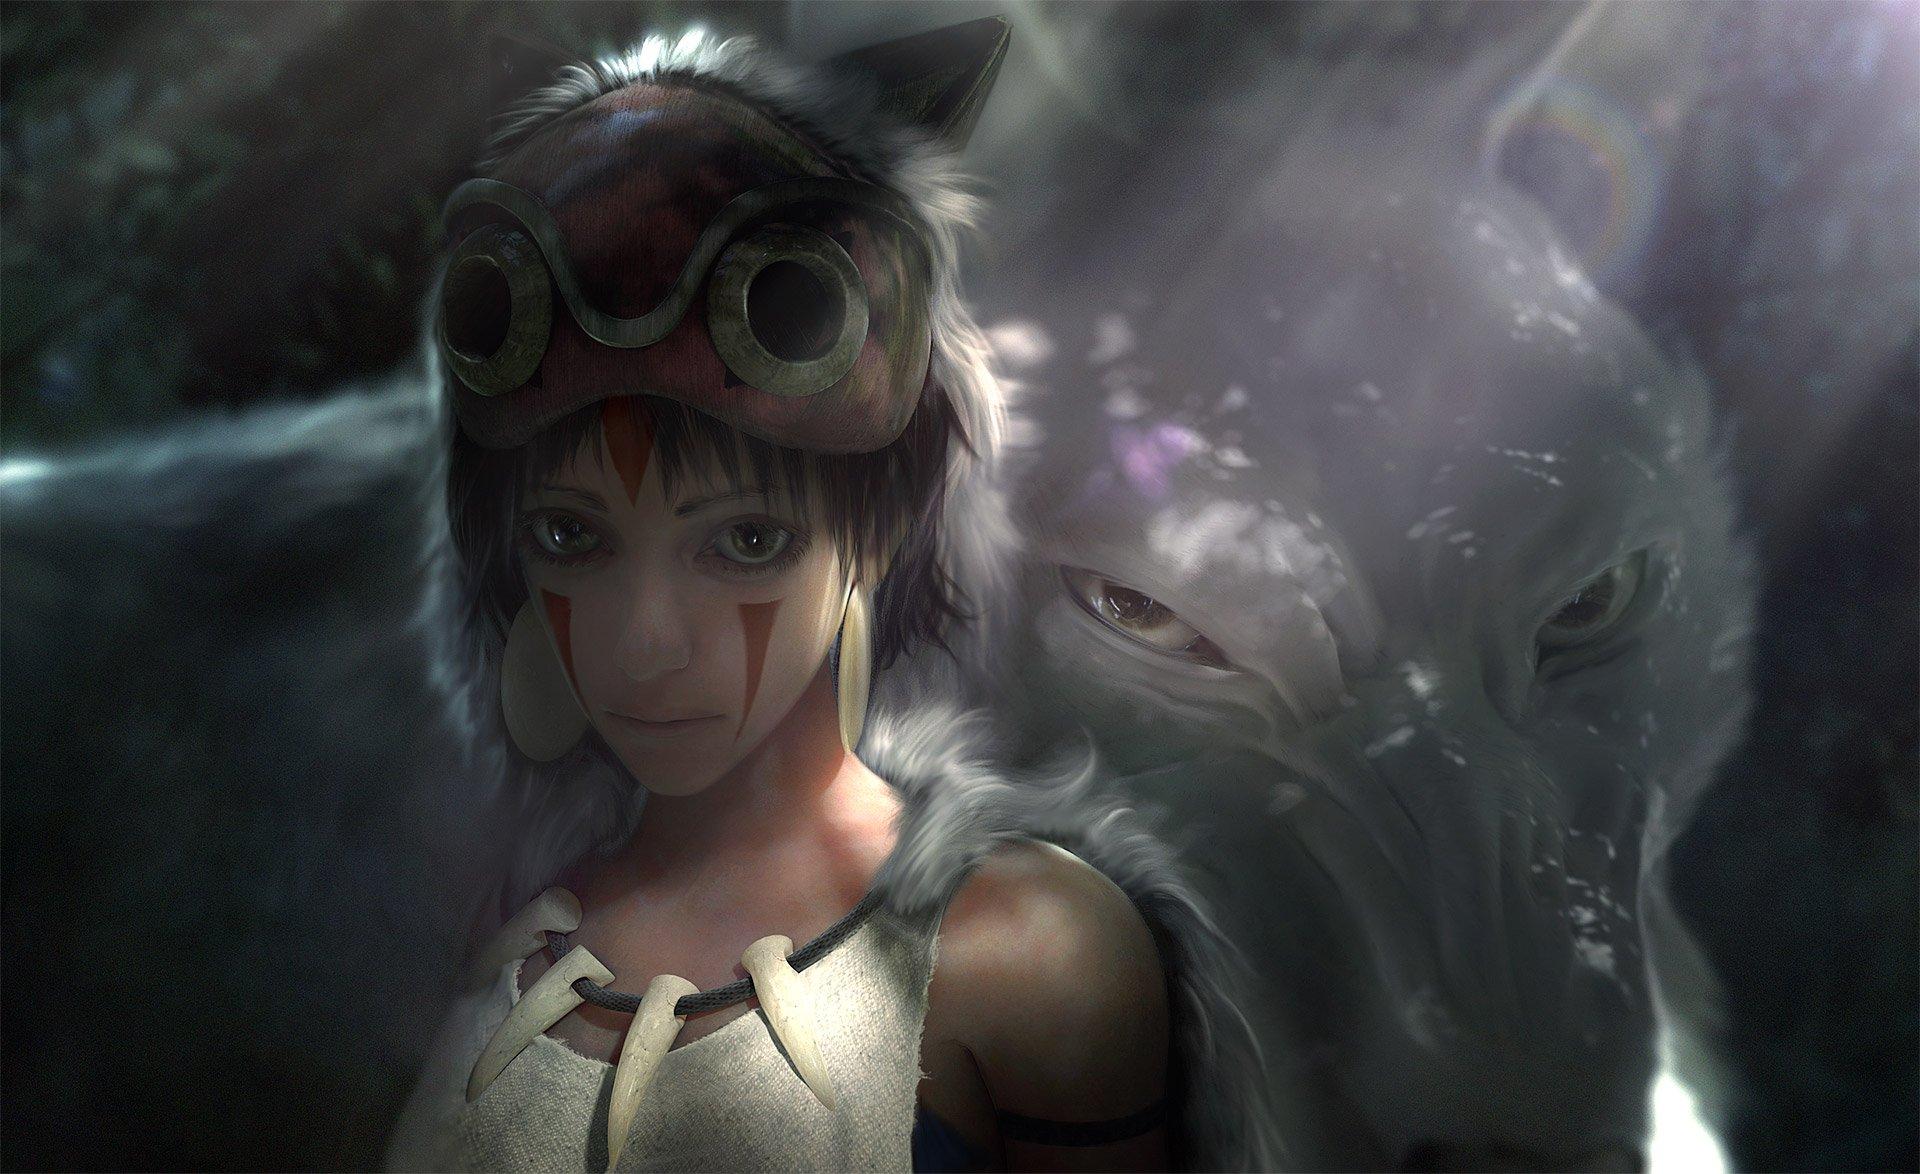 Girl Anime Wallpaper Free Download Original Girl Wolf Short Hair Anime Fantasy Forest